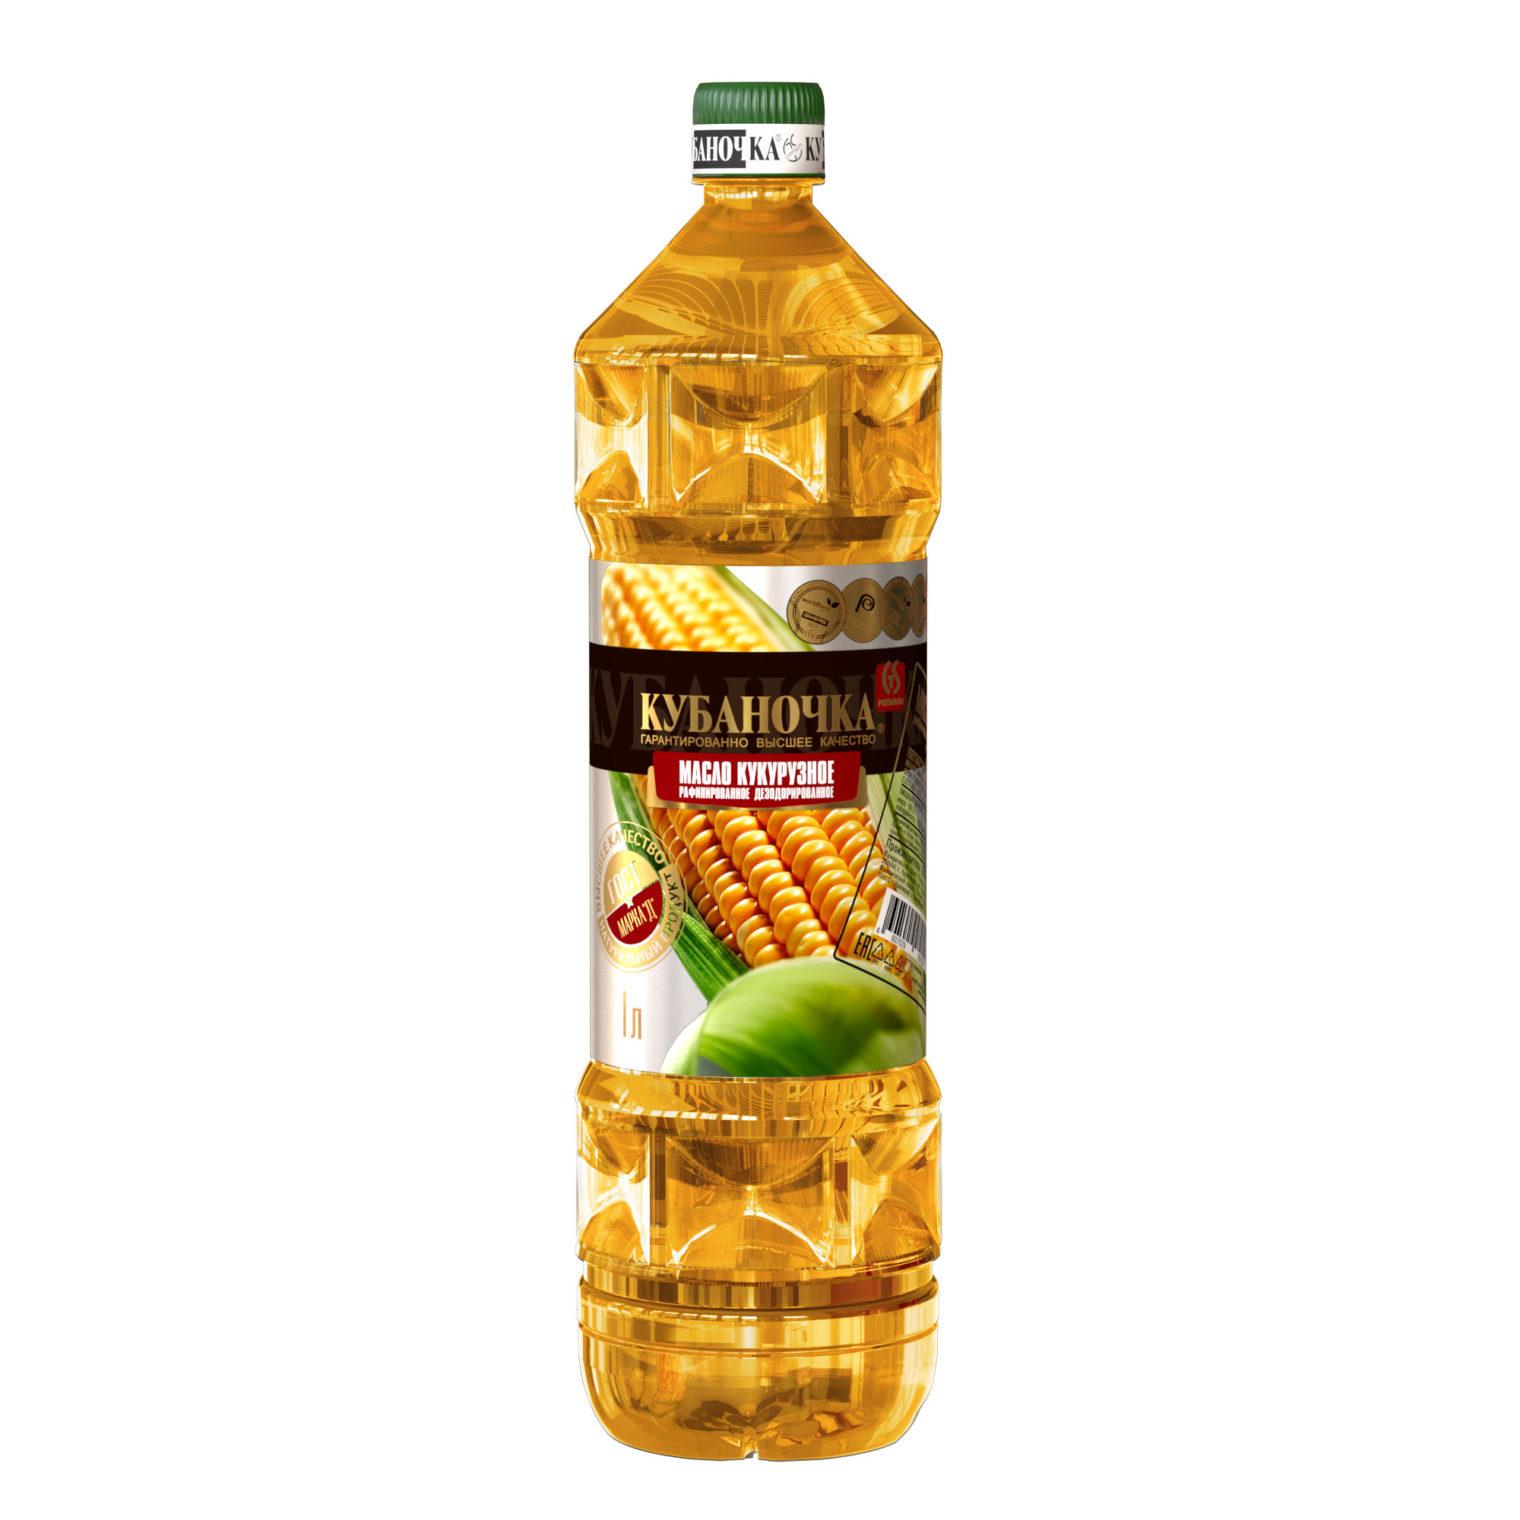 Масло кукурузное рафинированное, Объем: 1 л